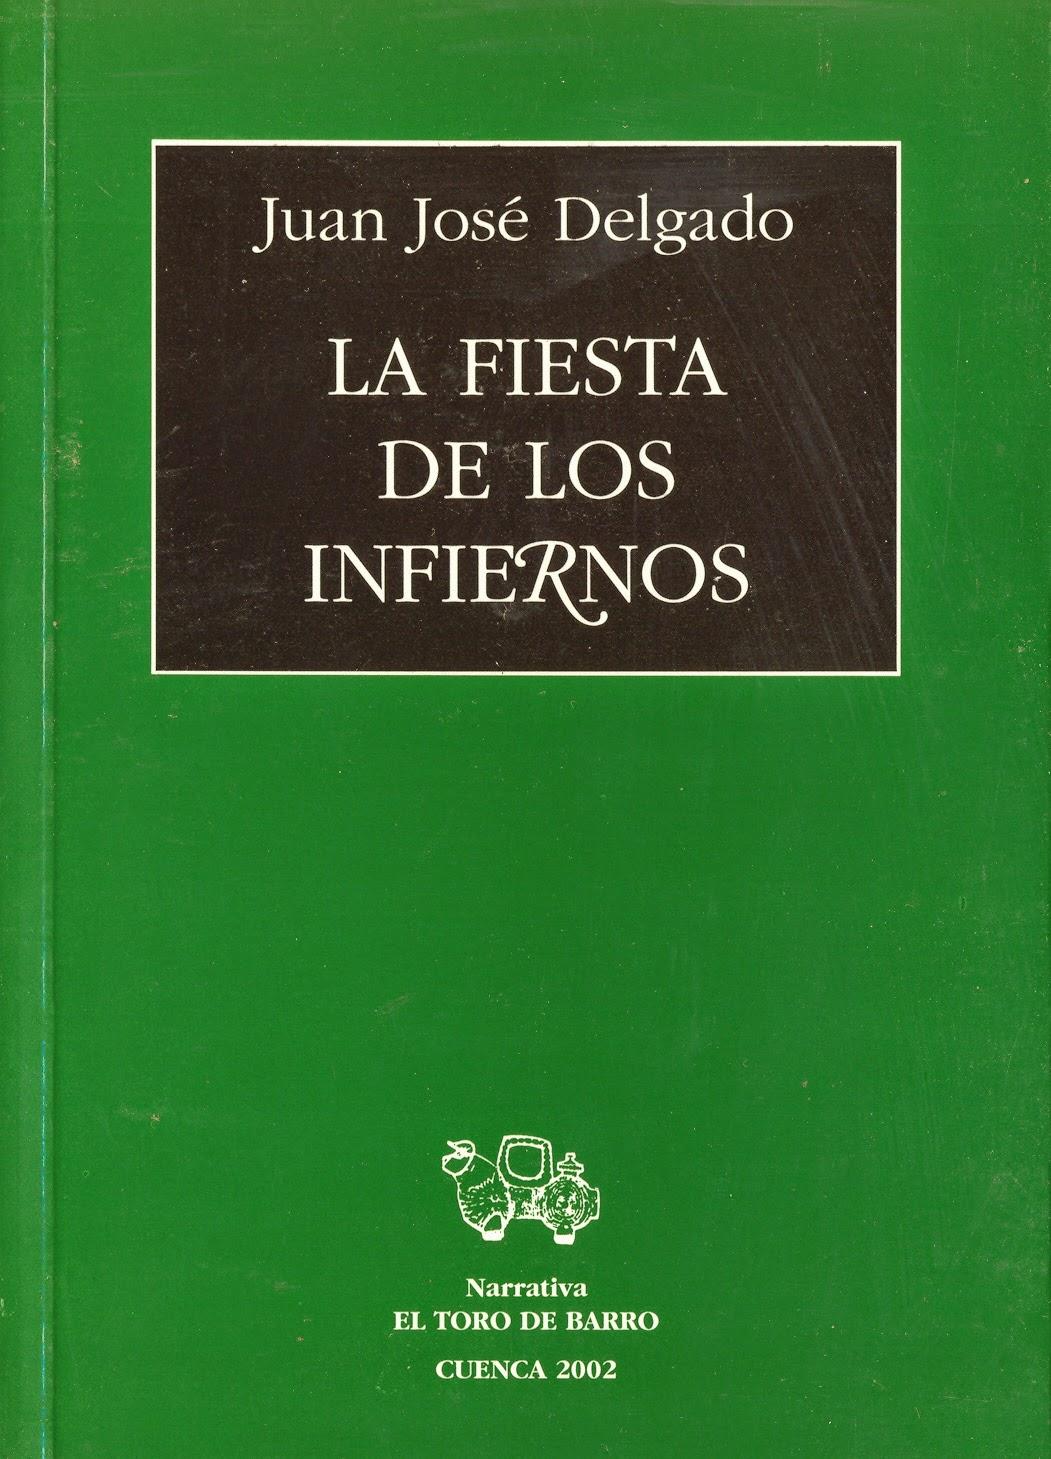 """Juan José Delgado, """"La fiesta de los infiernos"""" Col. «Novela» Carlos Morales Ed., Ed. El Toro de Barro, Tarancón de Cuenca, 2002. PVP 15 euros edicioneseltorodebarro@yahoo.es"""